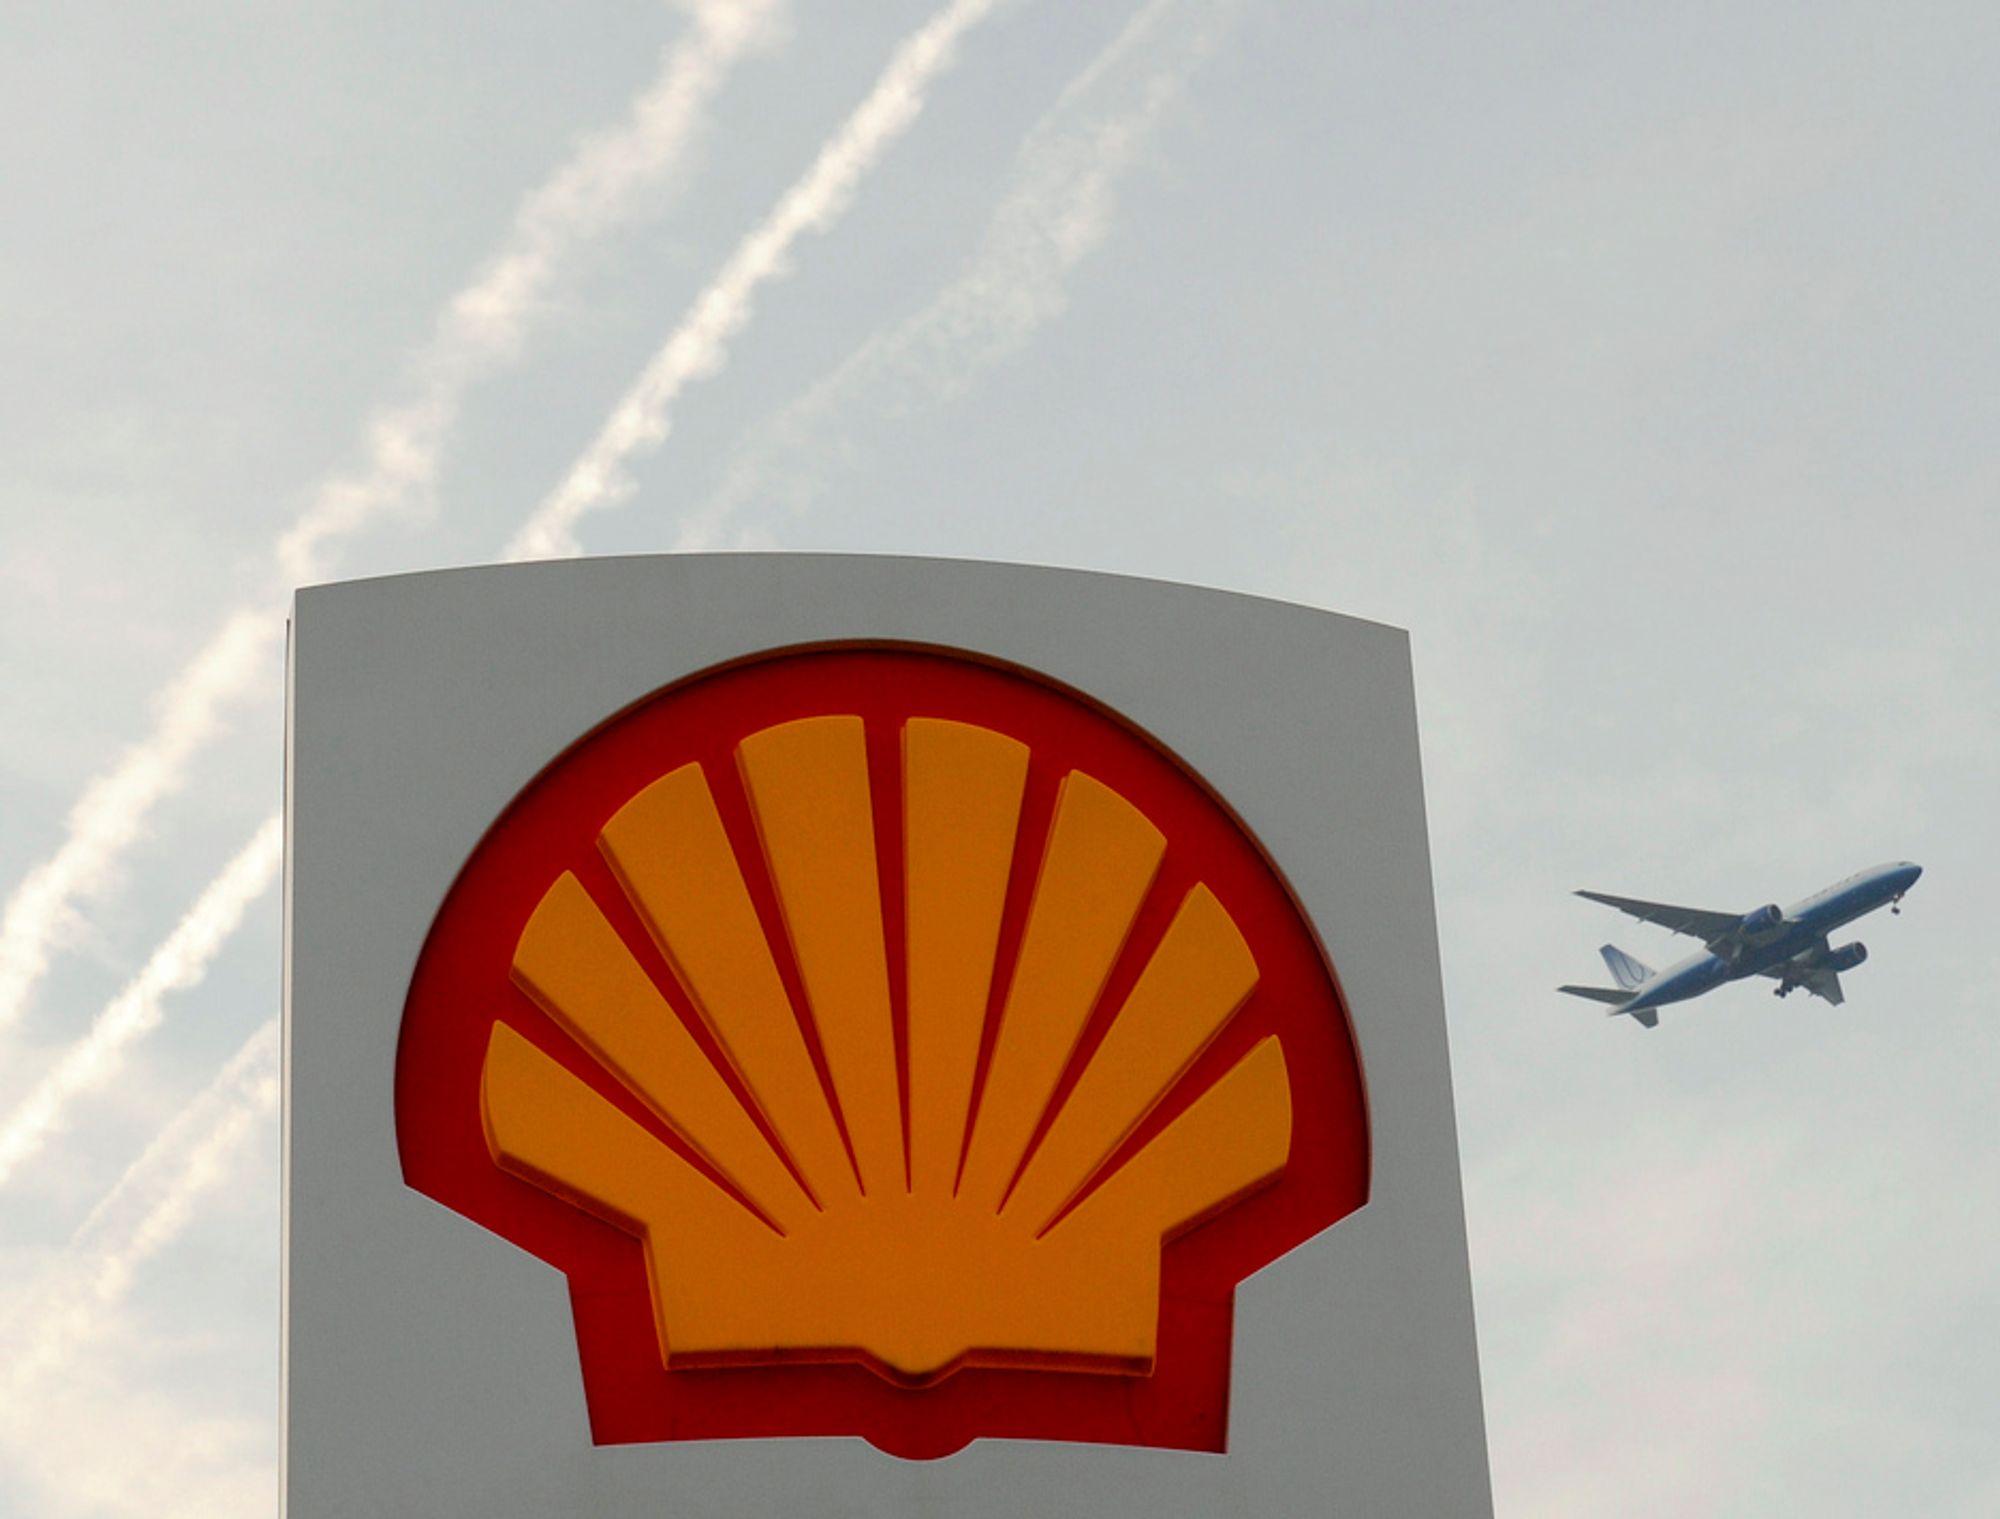 Shell kan komme i mer hardt vær for sin oljevirksomhet i Nigerdeltaet. Onsdag tok selskapet på seg skylden for to store oljeutslipp i området. Torsdag kom en ny FN-rapport som kan tyde på at enda større forurensingssaker kan seile selskapets vei.